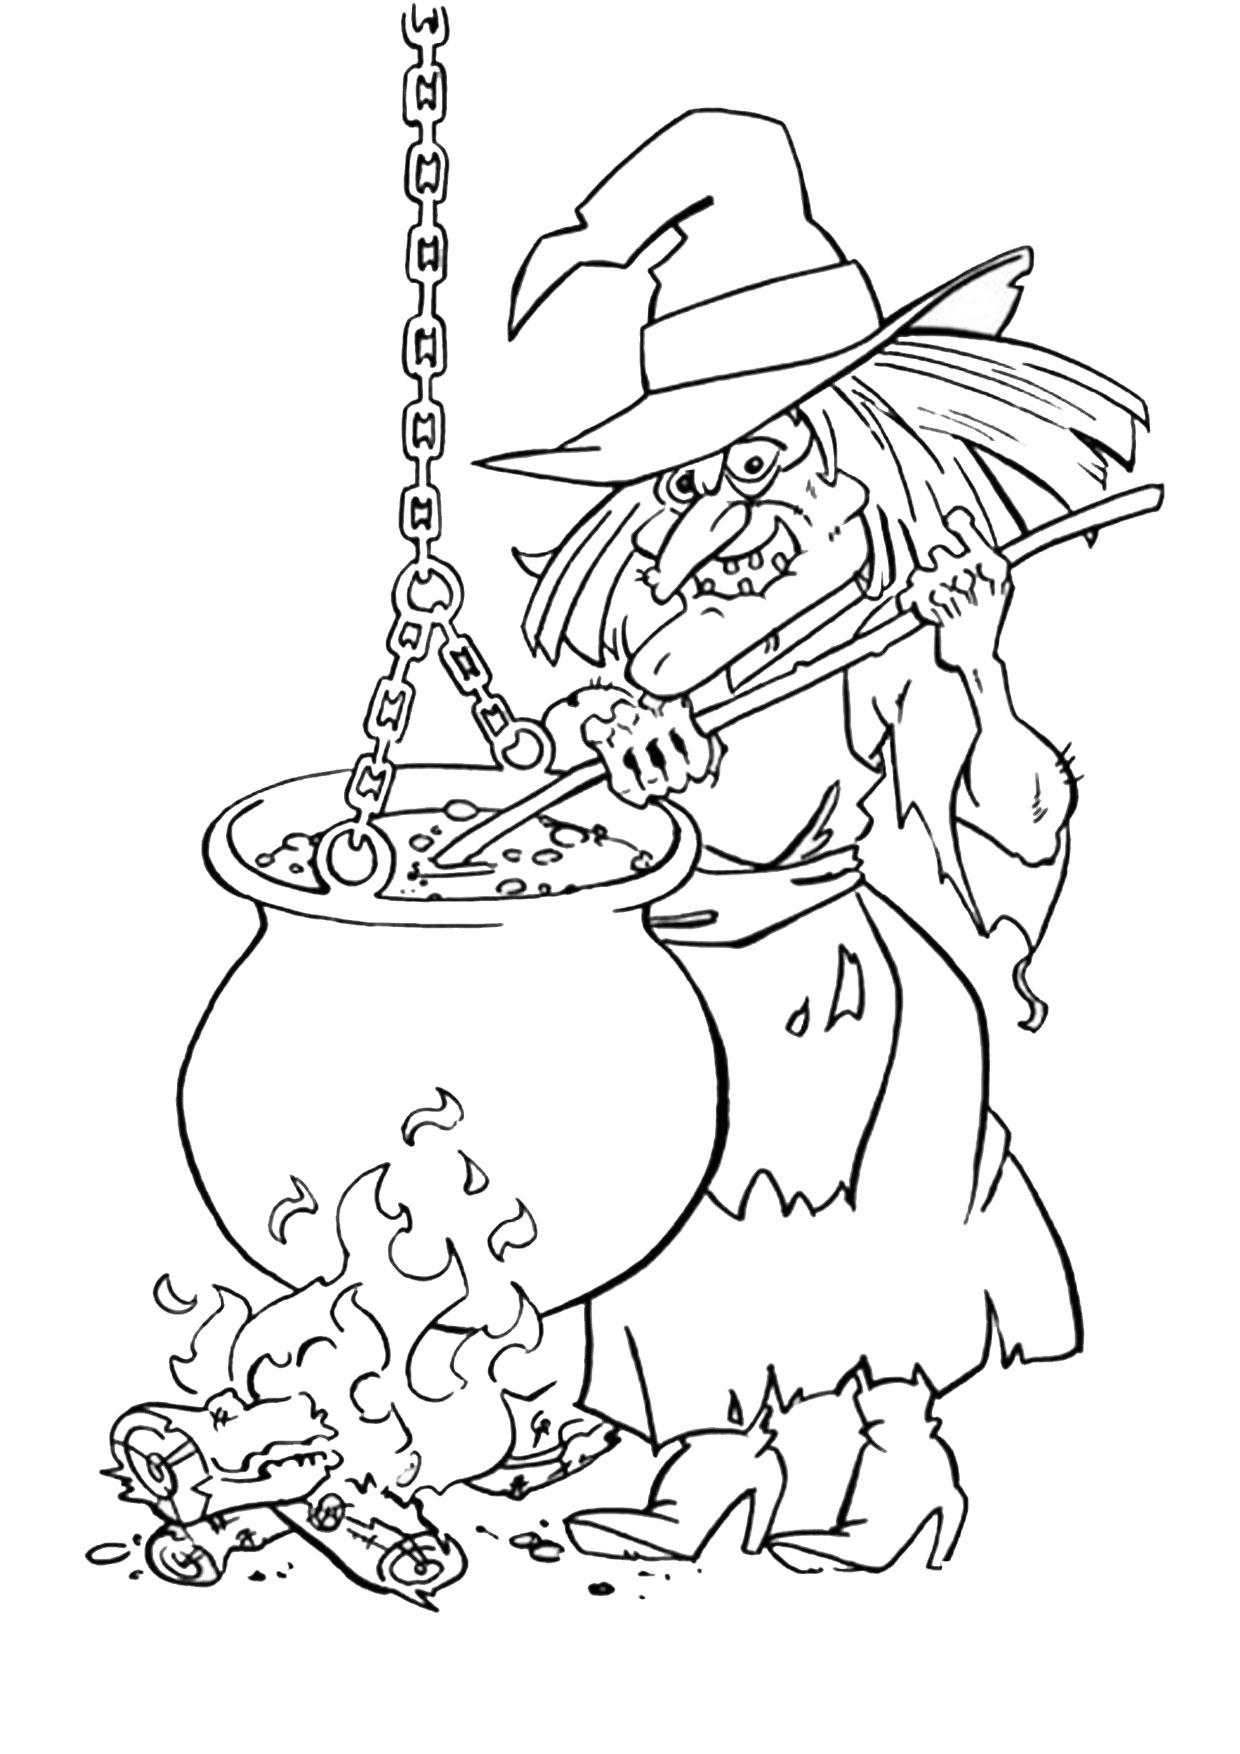 Disegno di strega da colorare 01